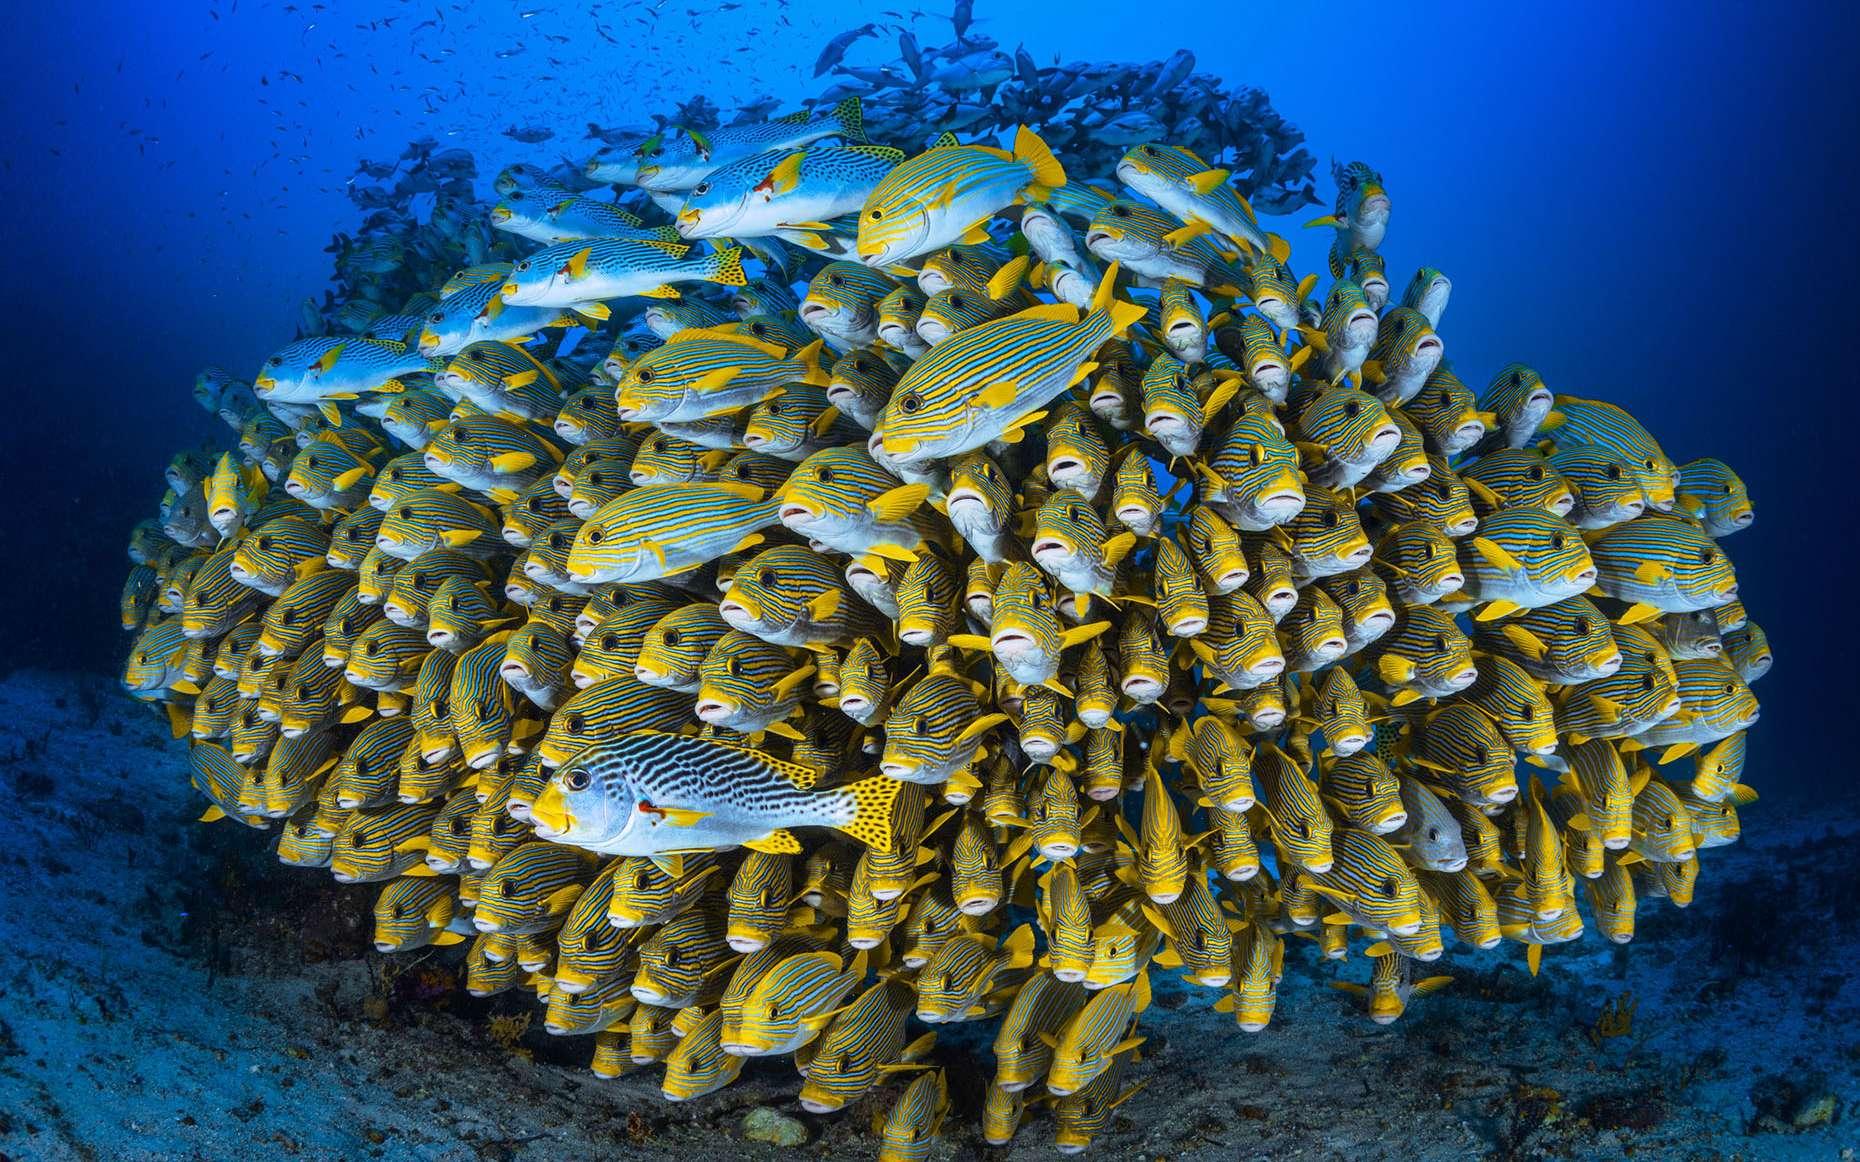 Banc de poissons en formation serrée (ici, des gaterins). © Gabriel Barathieu, tous droits réservés